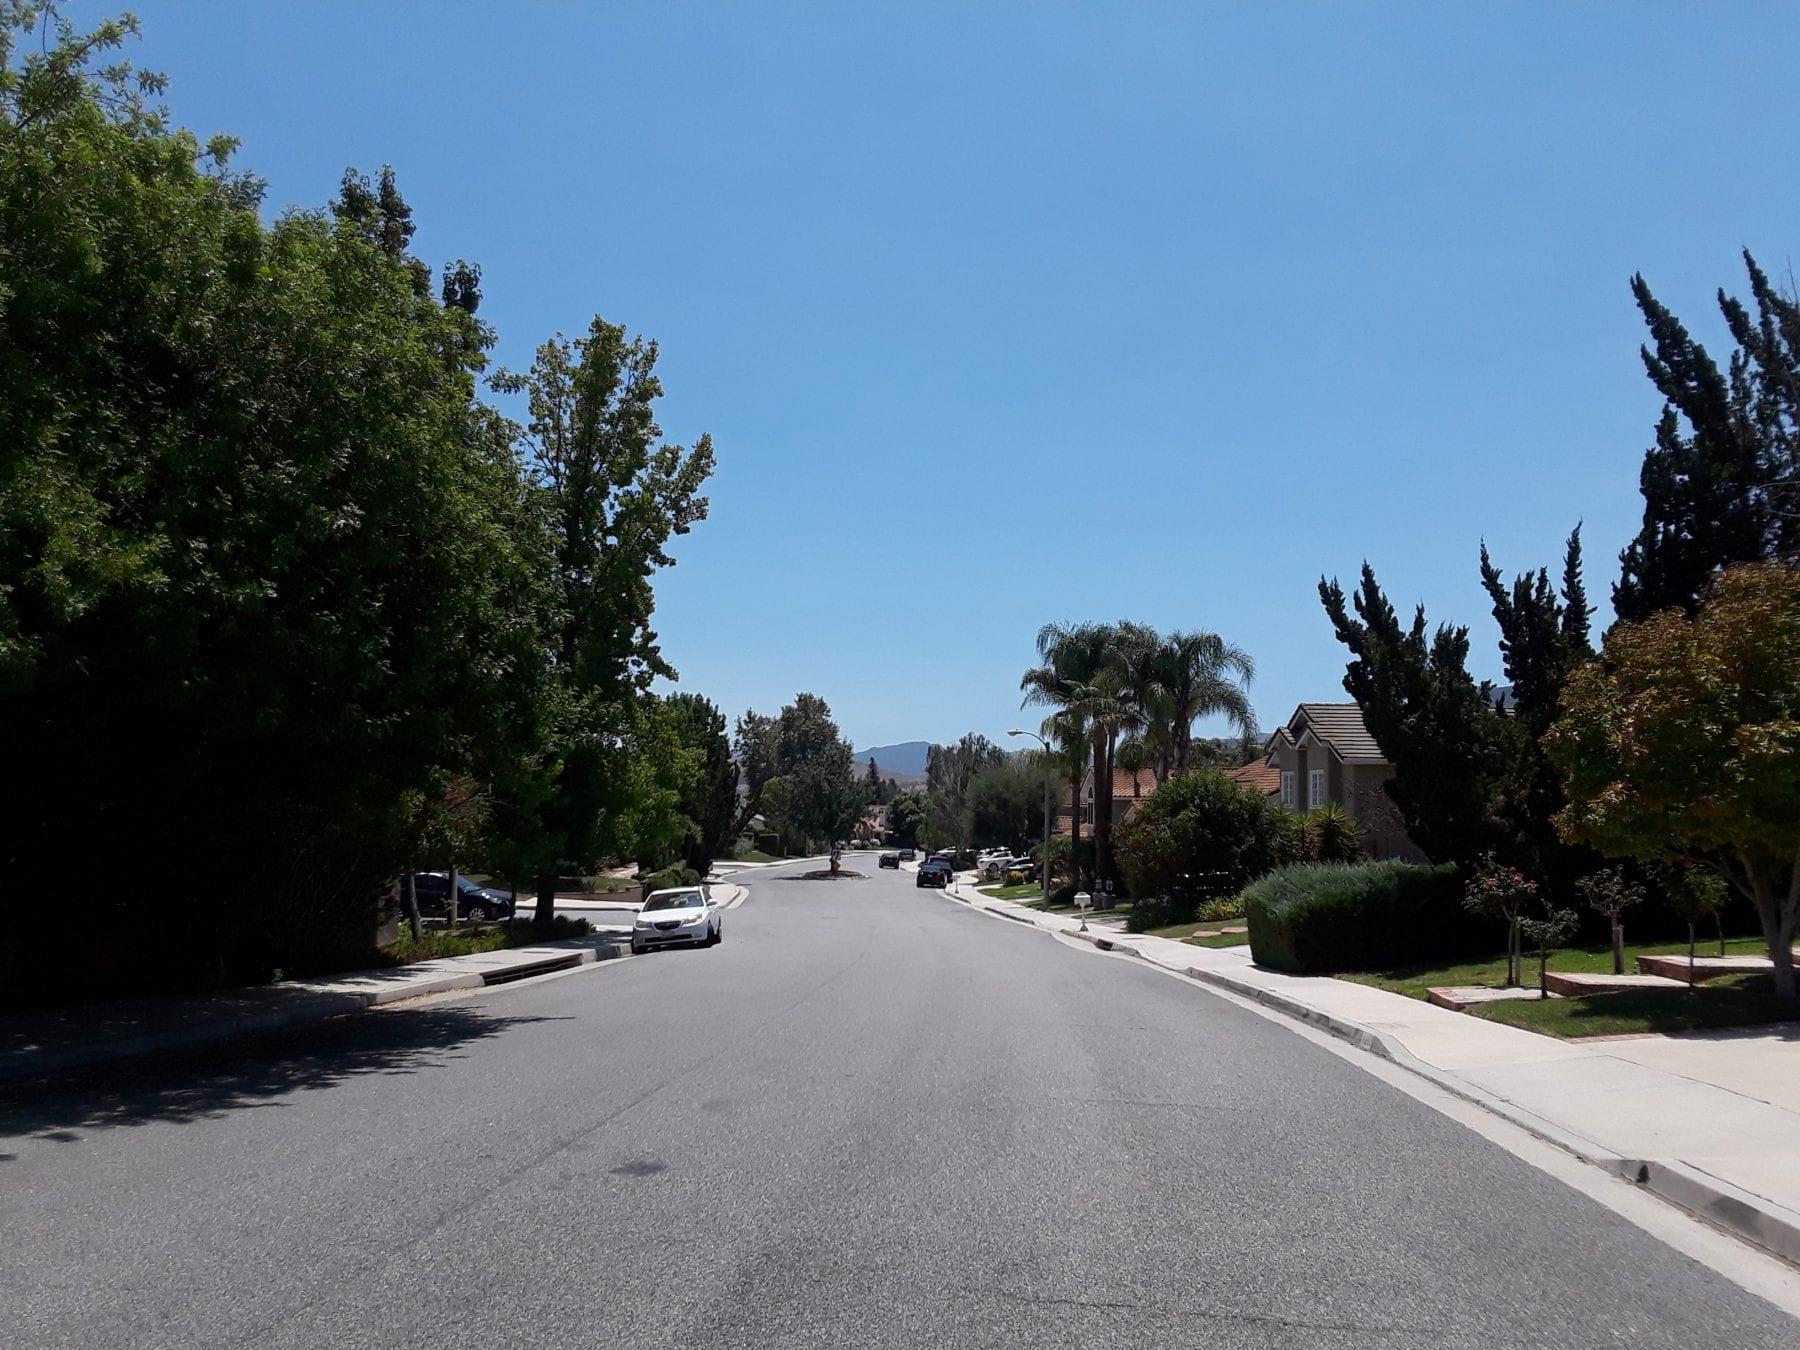 The Poltergeist neighbourhood in Agoura Hills